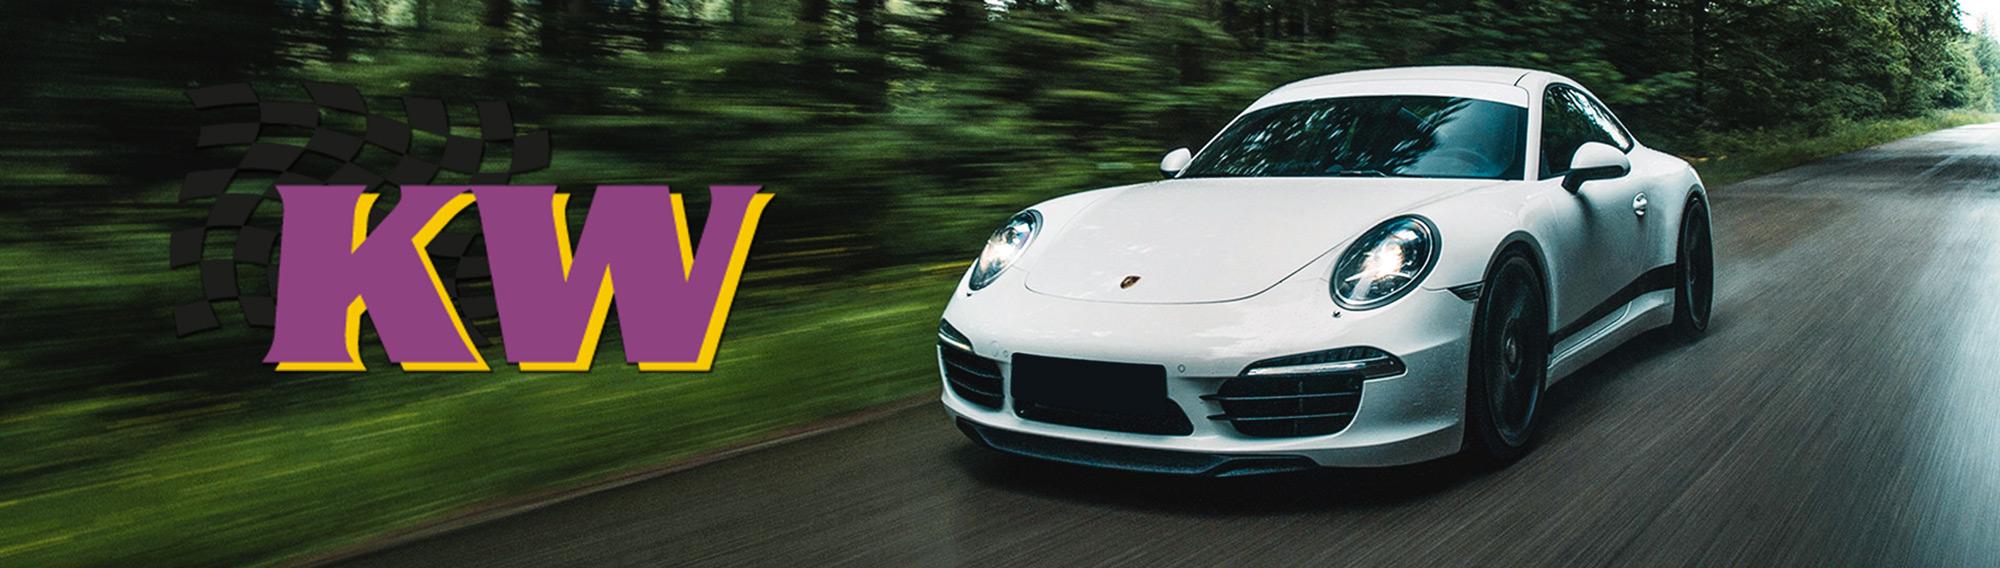 Porsche 991 driving through forest with KW suspension